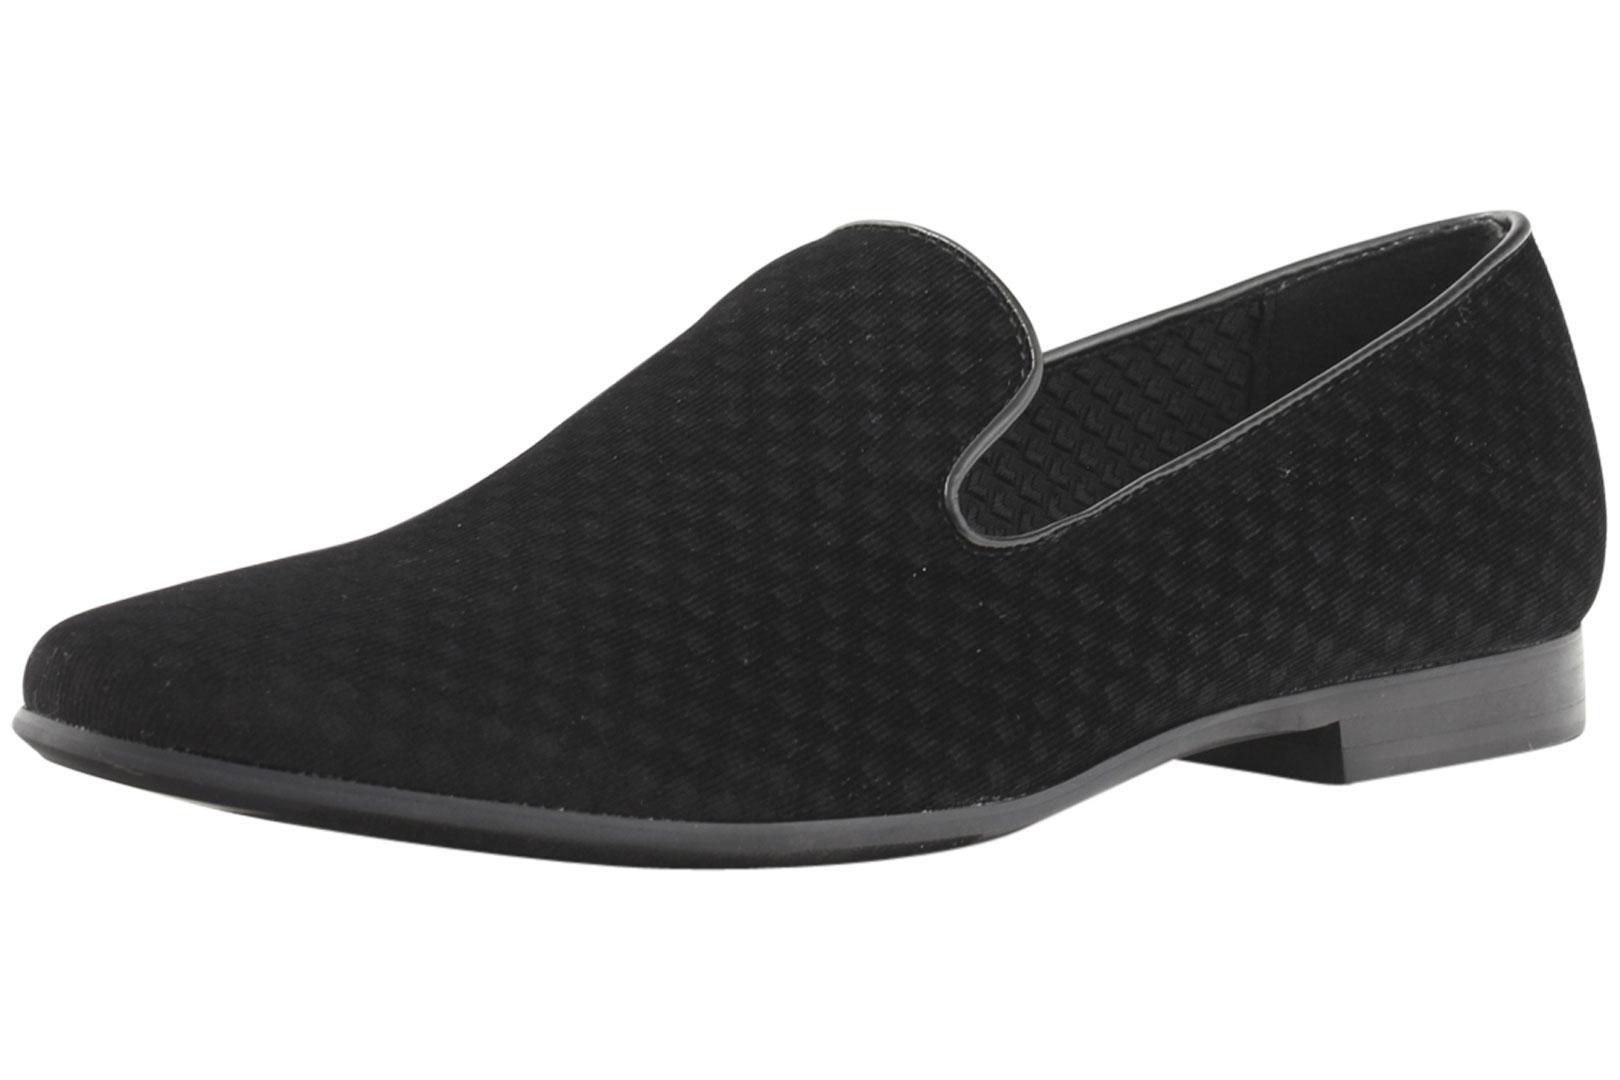 39326a7612e45 Giorgio Brutini Men s Cloak Velvet Smoking Loafers Shoes